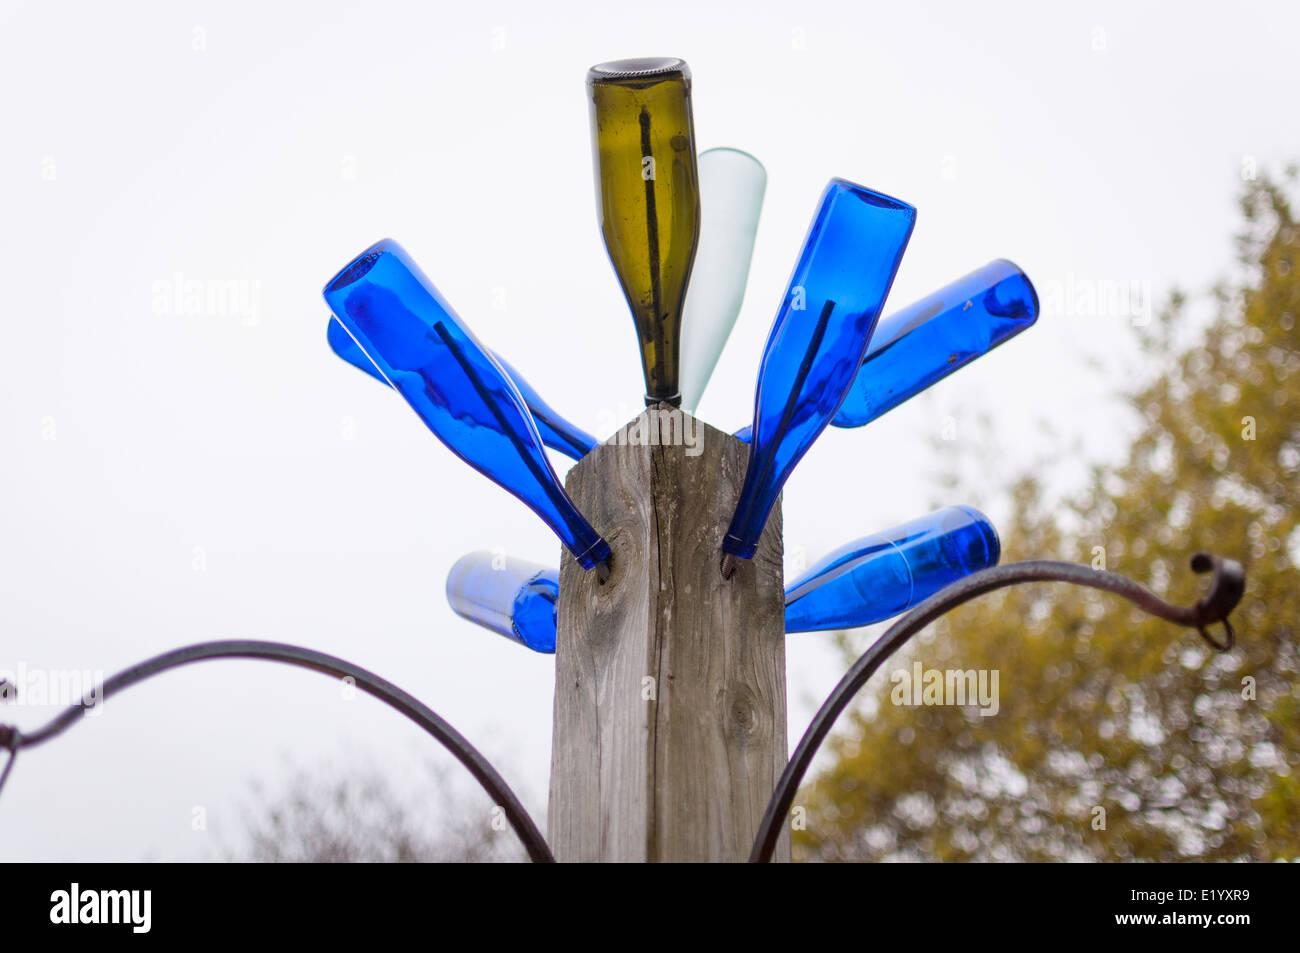 Glass bottle lamp post. - Stock Image